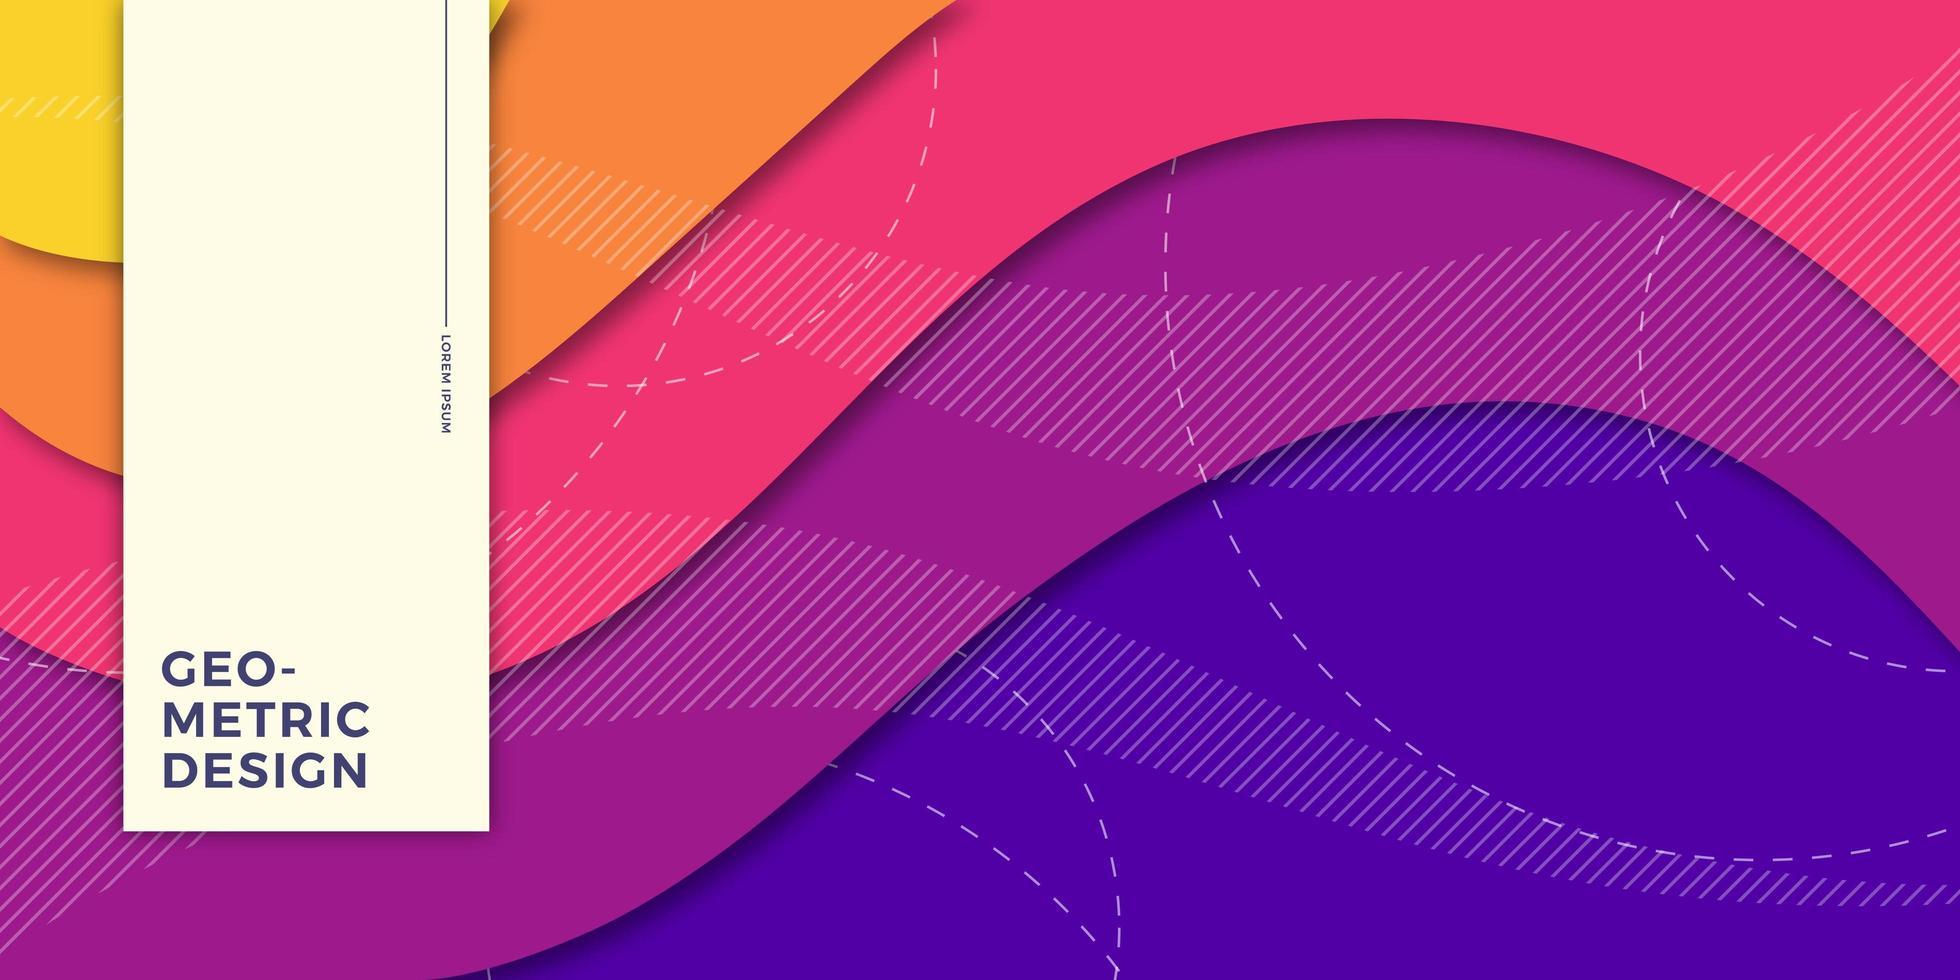 fond arc-en-ciel avec des formes abstraites vecteur